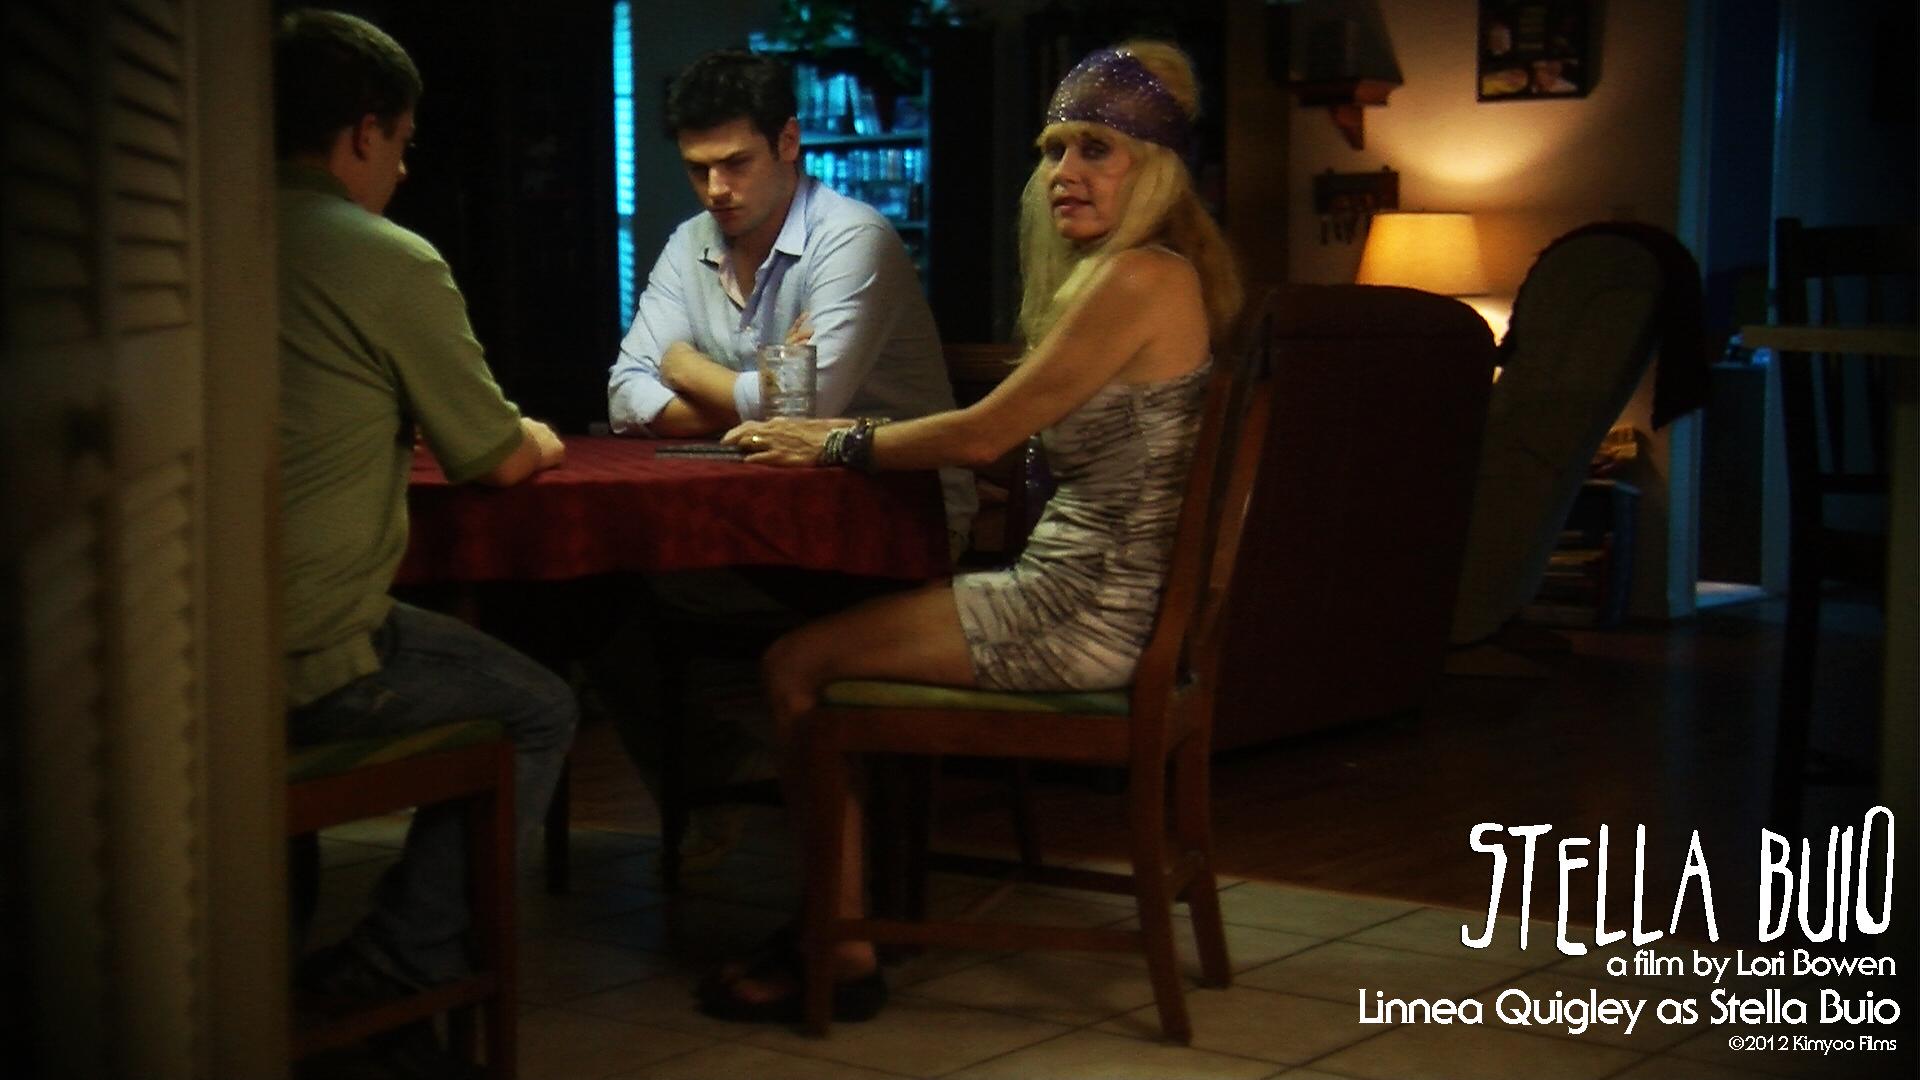 linnea in the chair.jpg